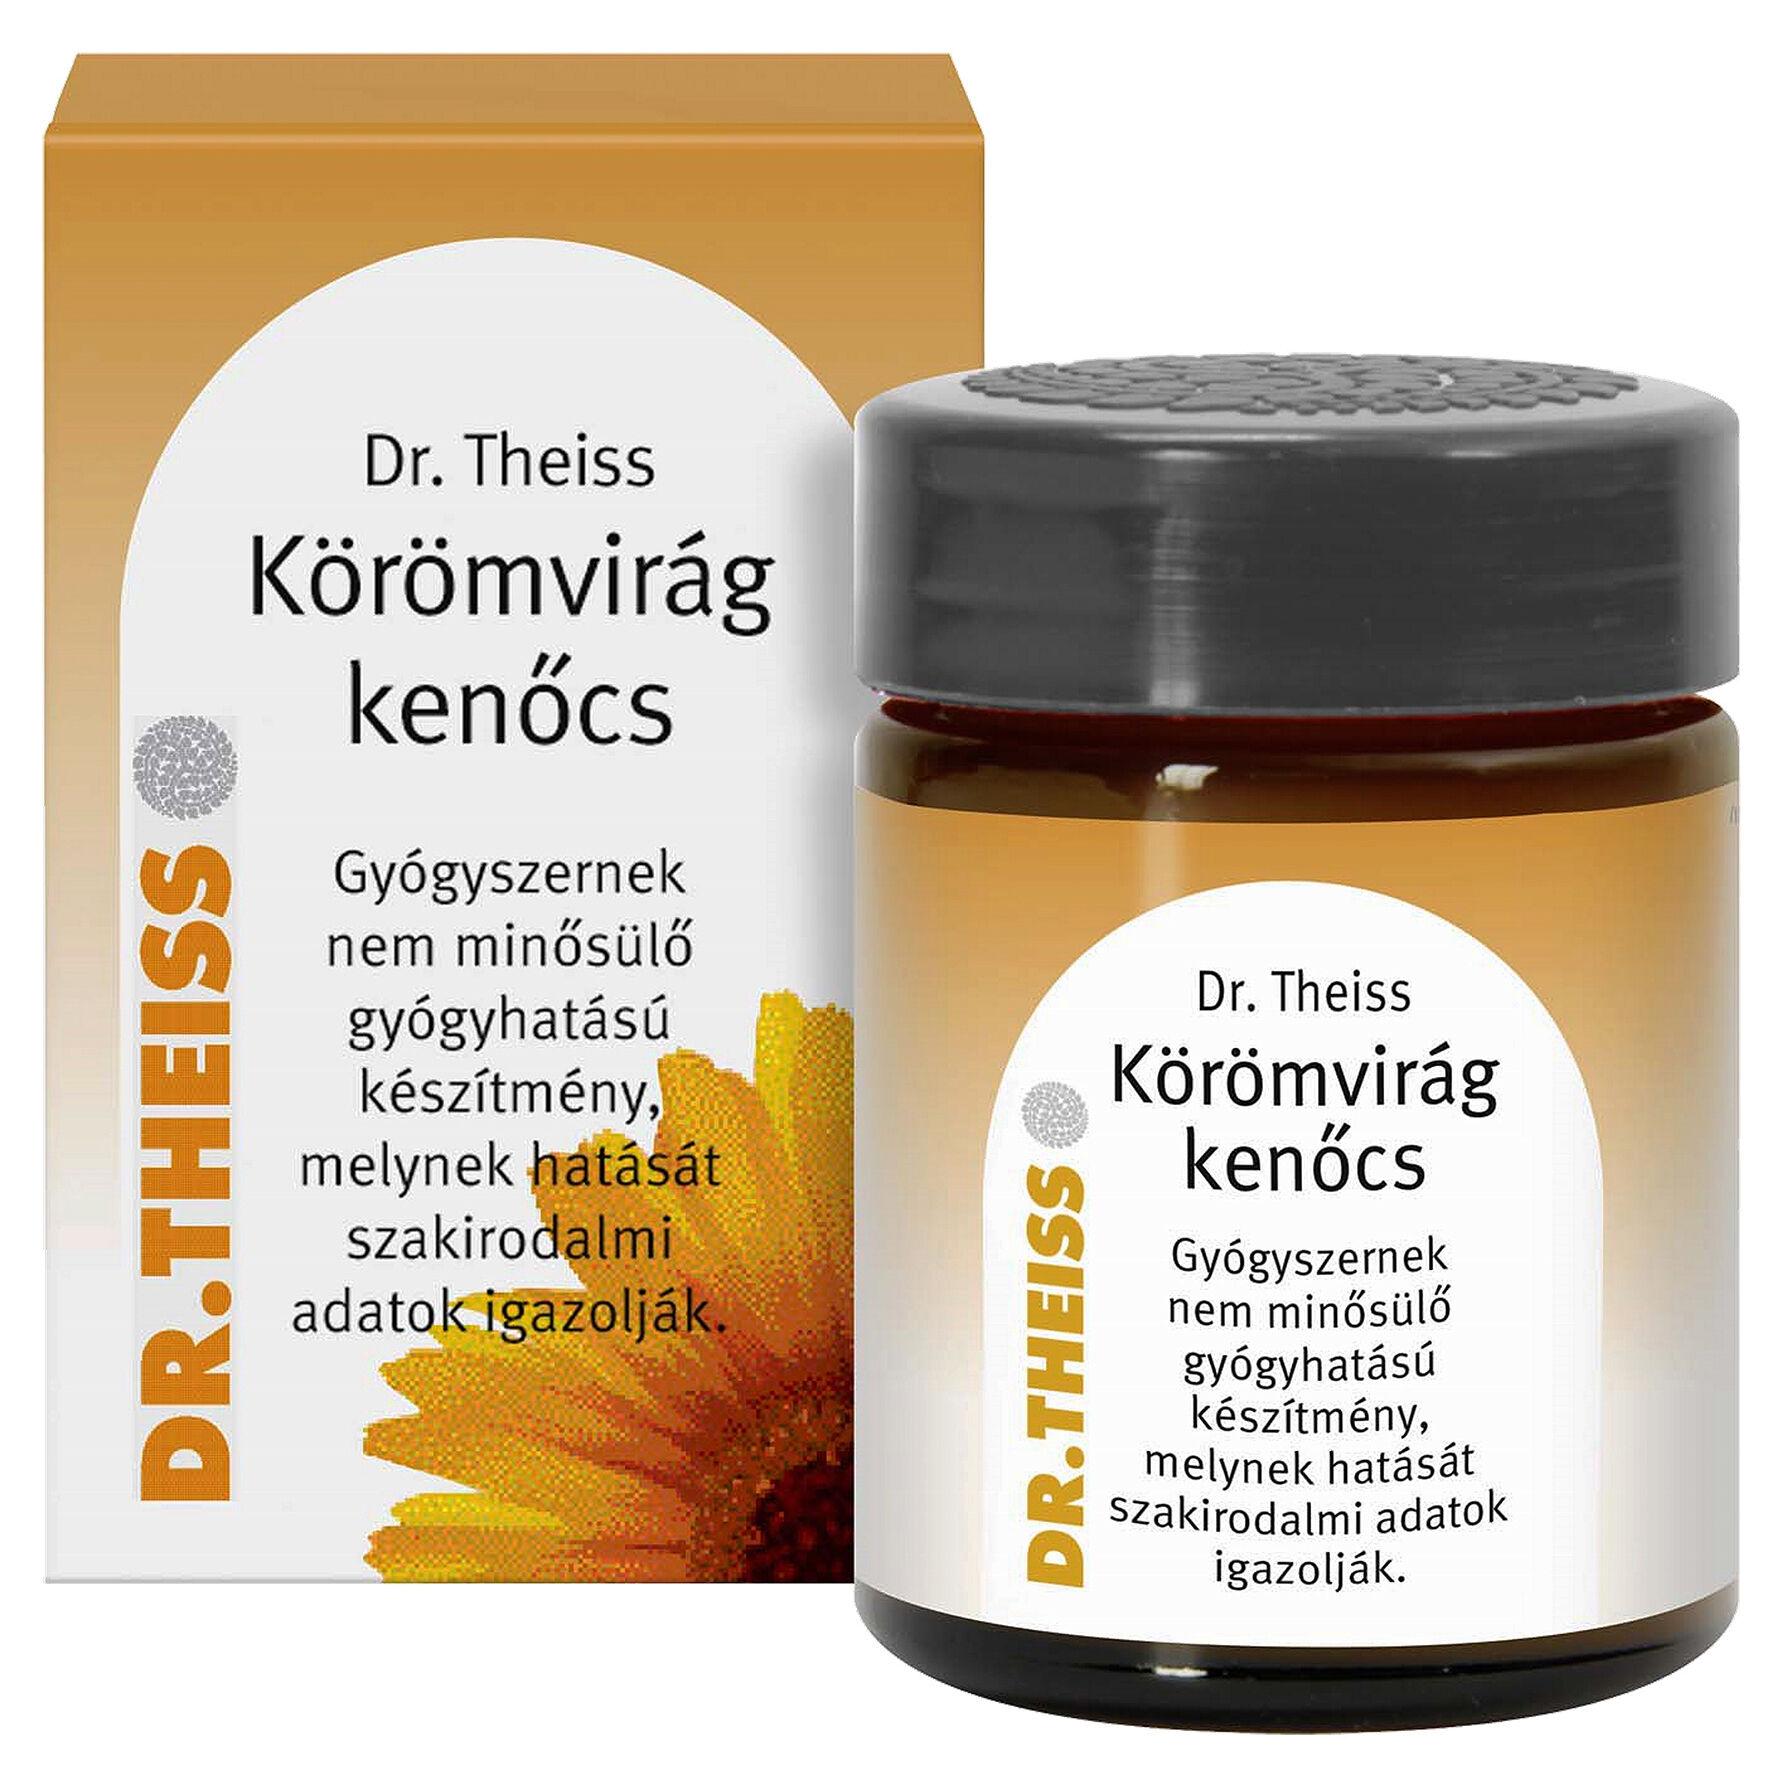 Dr. Theiss körömvirág kenőcs ízületi gyulladás ellen